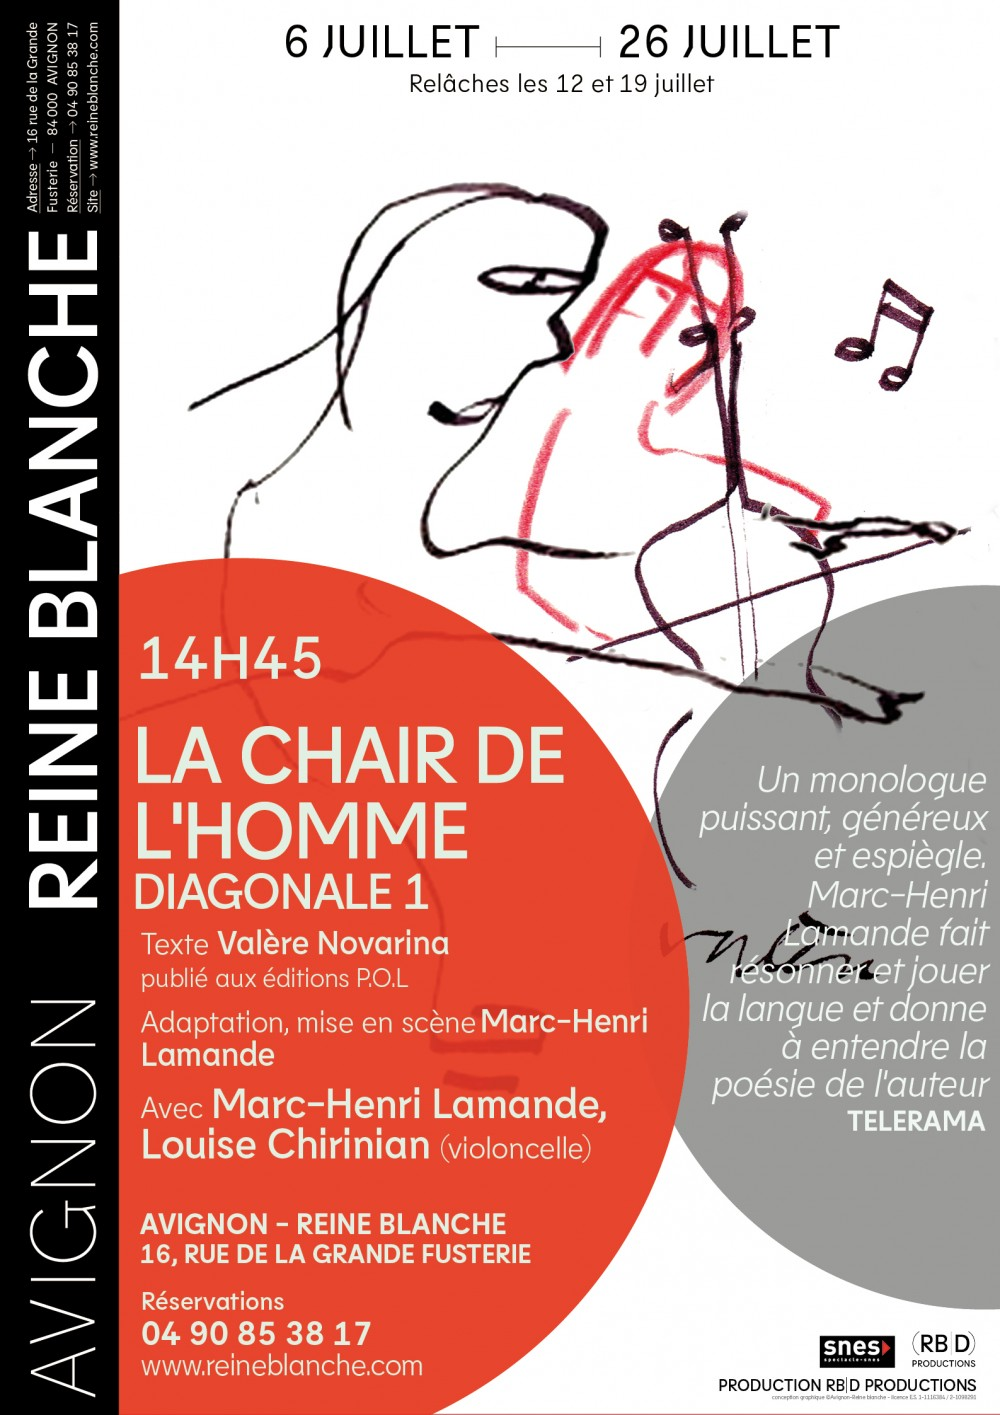 La Chair de l'homme - Diagonale 1 - © Reine Blanche